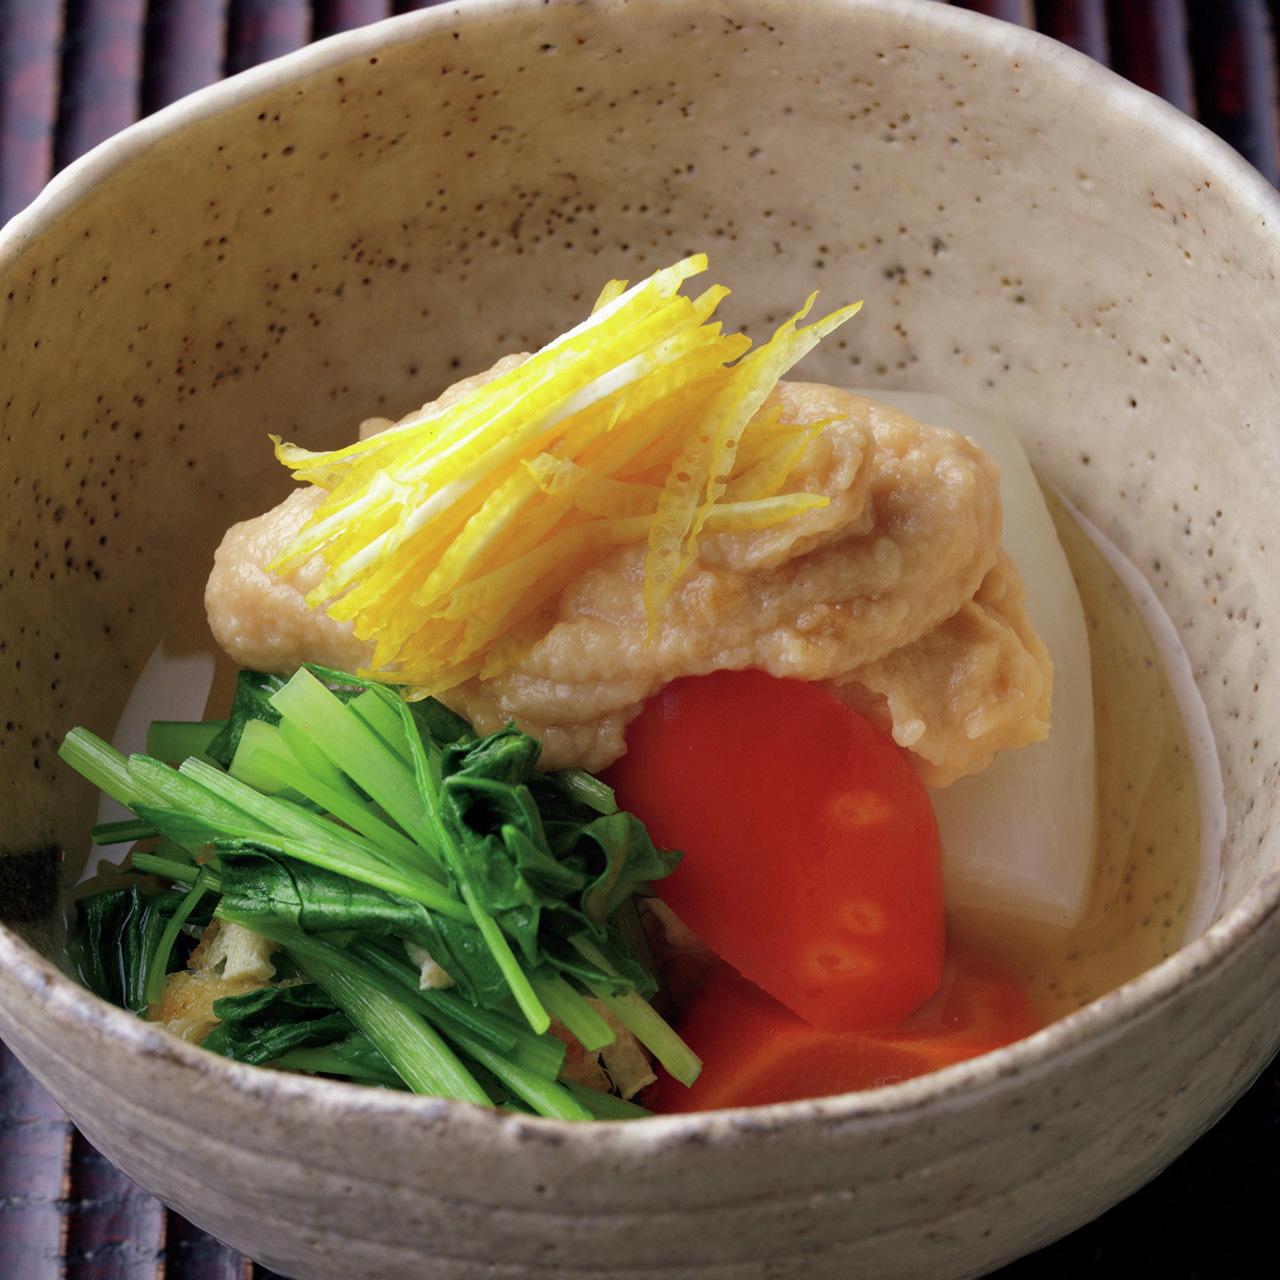 野菜と肉鍋が待っている! 京都、冬の美味を堪能 五選_1_1-2